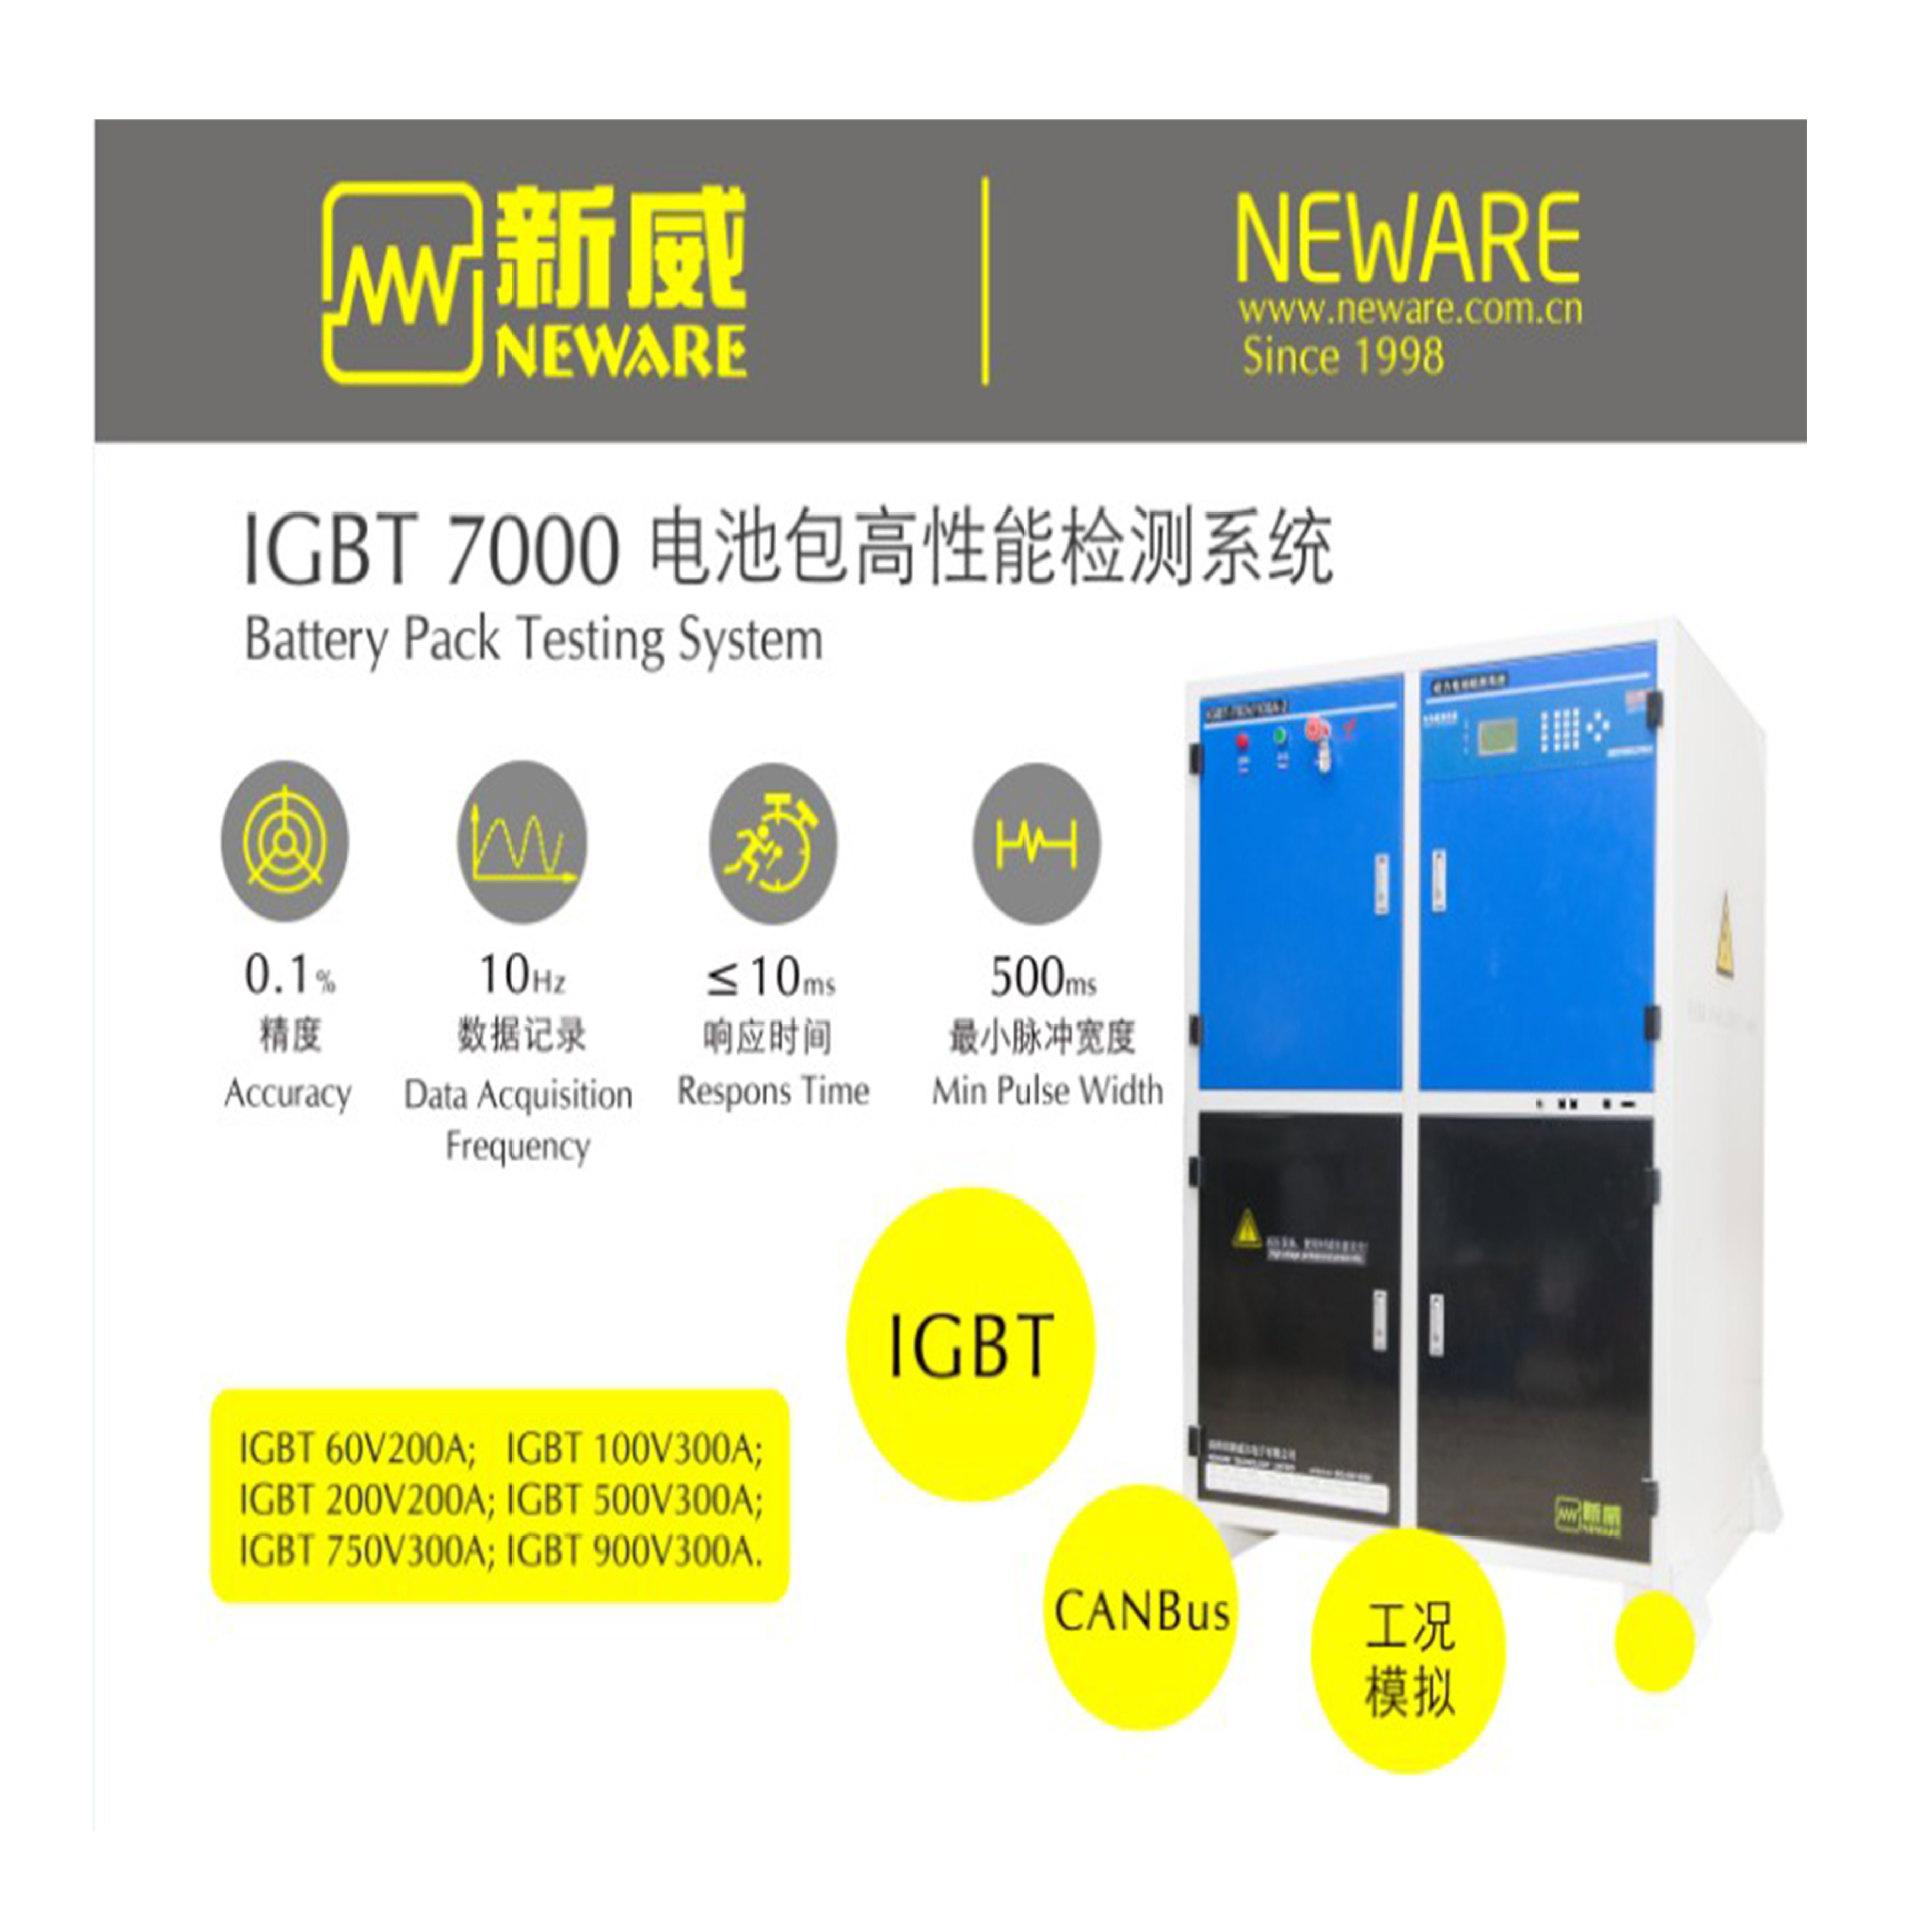 IGBT-7000 支持CANbus通信、高电压大电流动力大电池包检测系统